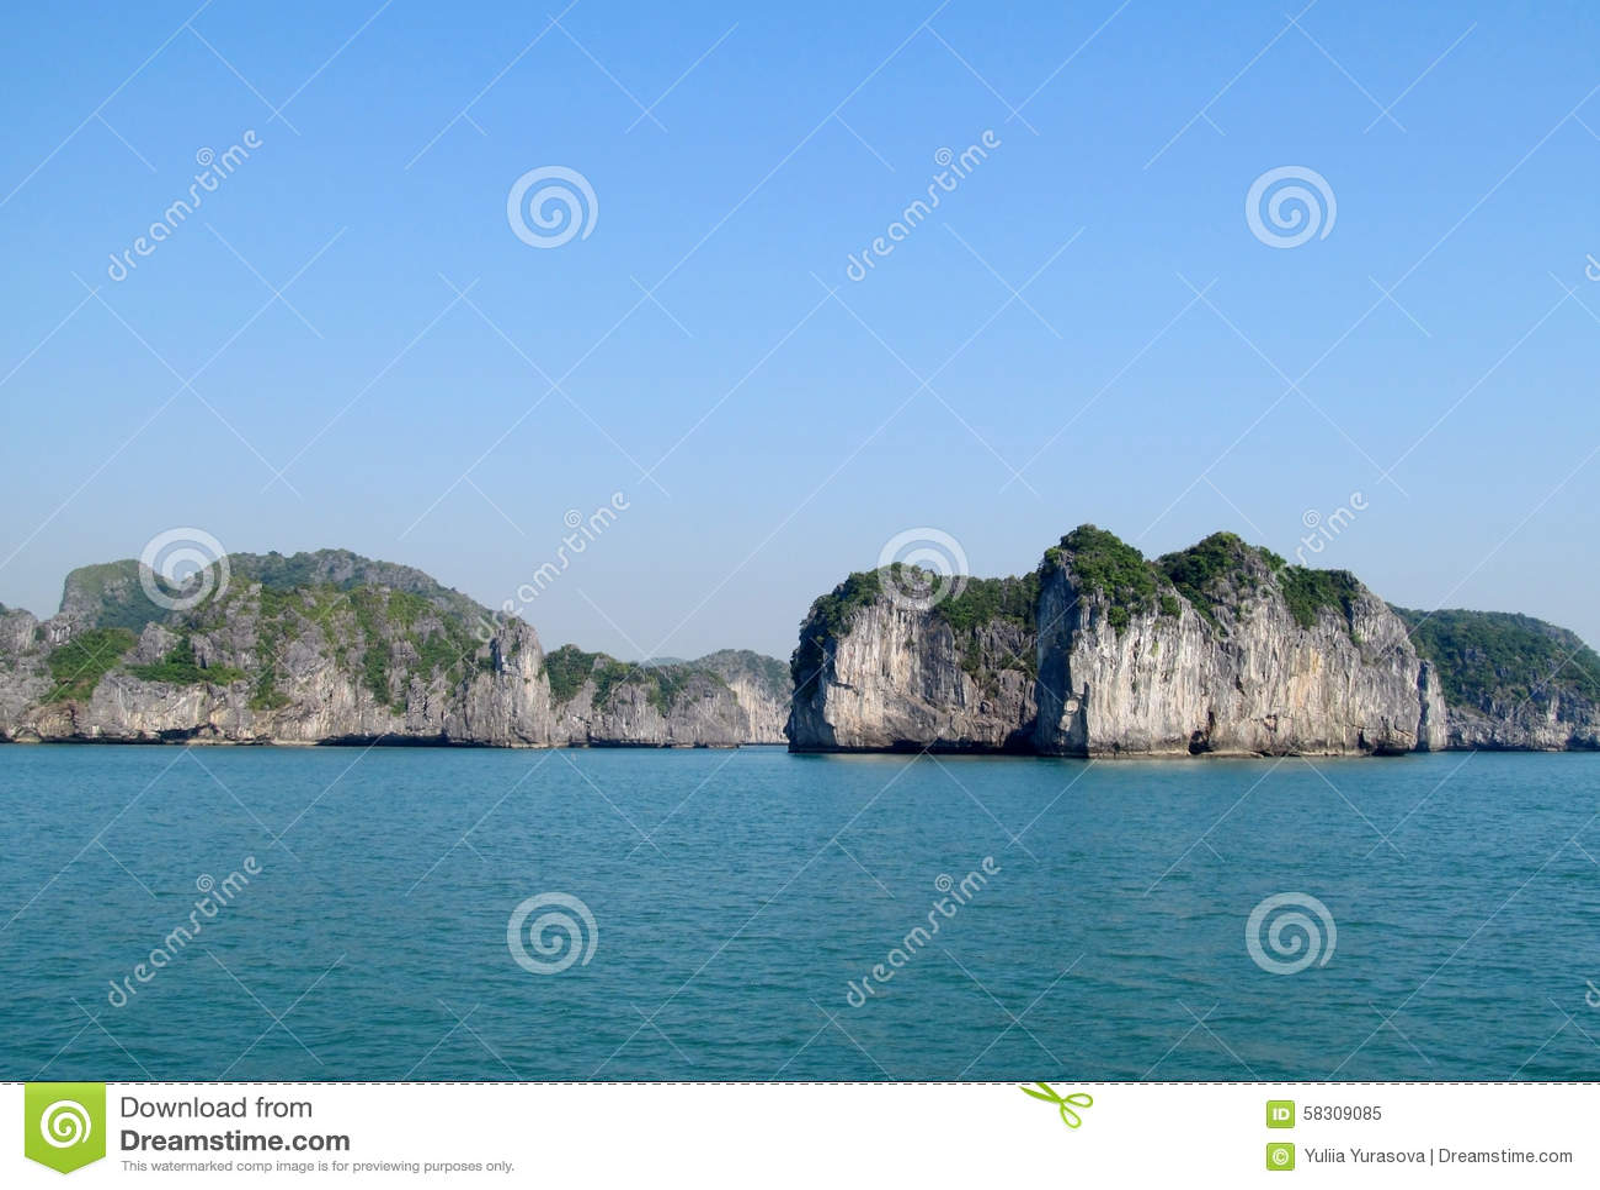 Остров известняка в заливе моря